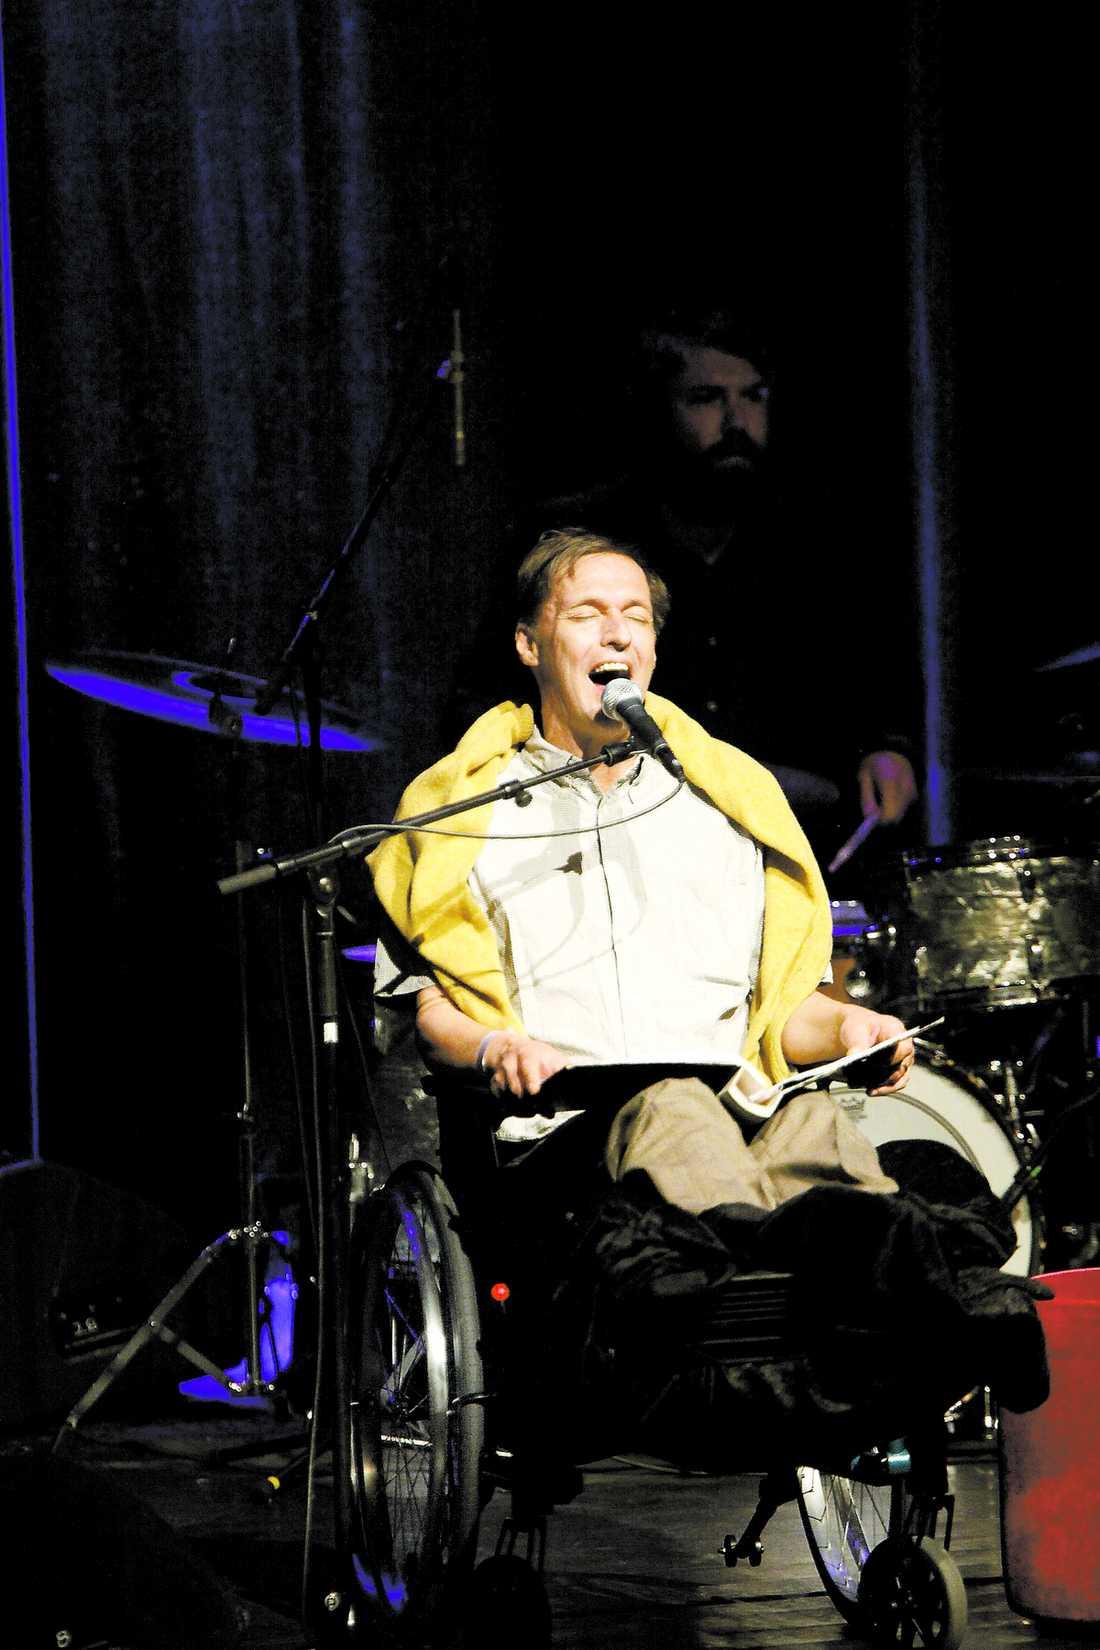 Trots att Olle Ljungström hade fötterna i bandage och sjöng ur en pärm sprakade det på scenen 2011.